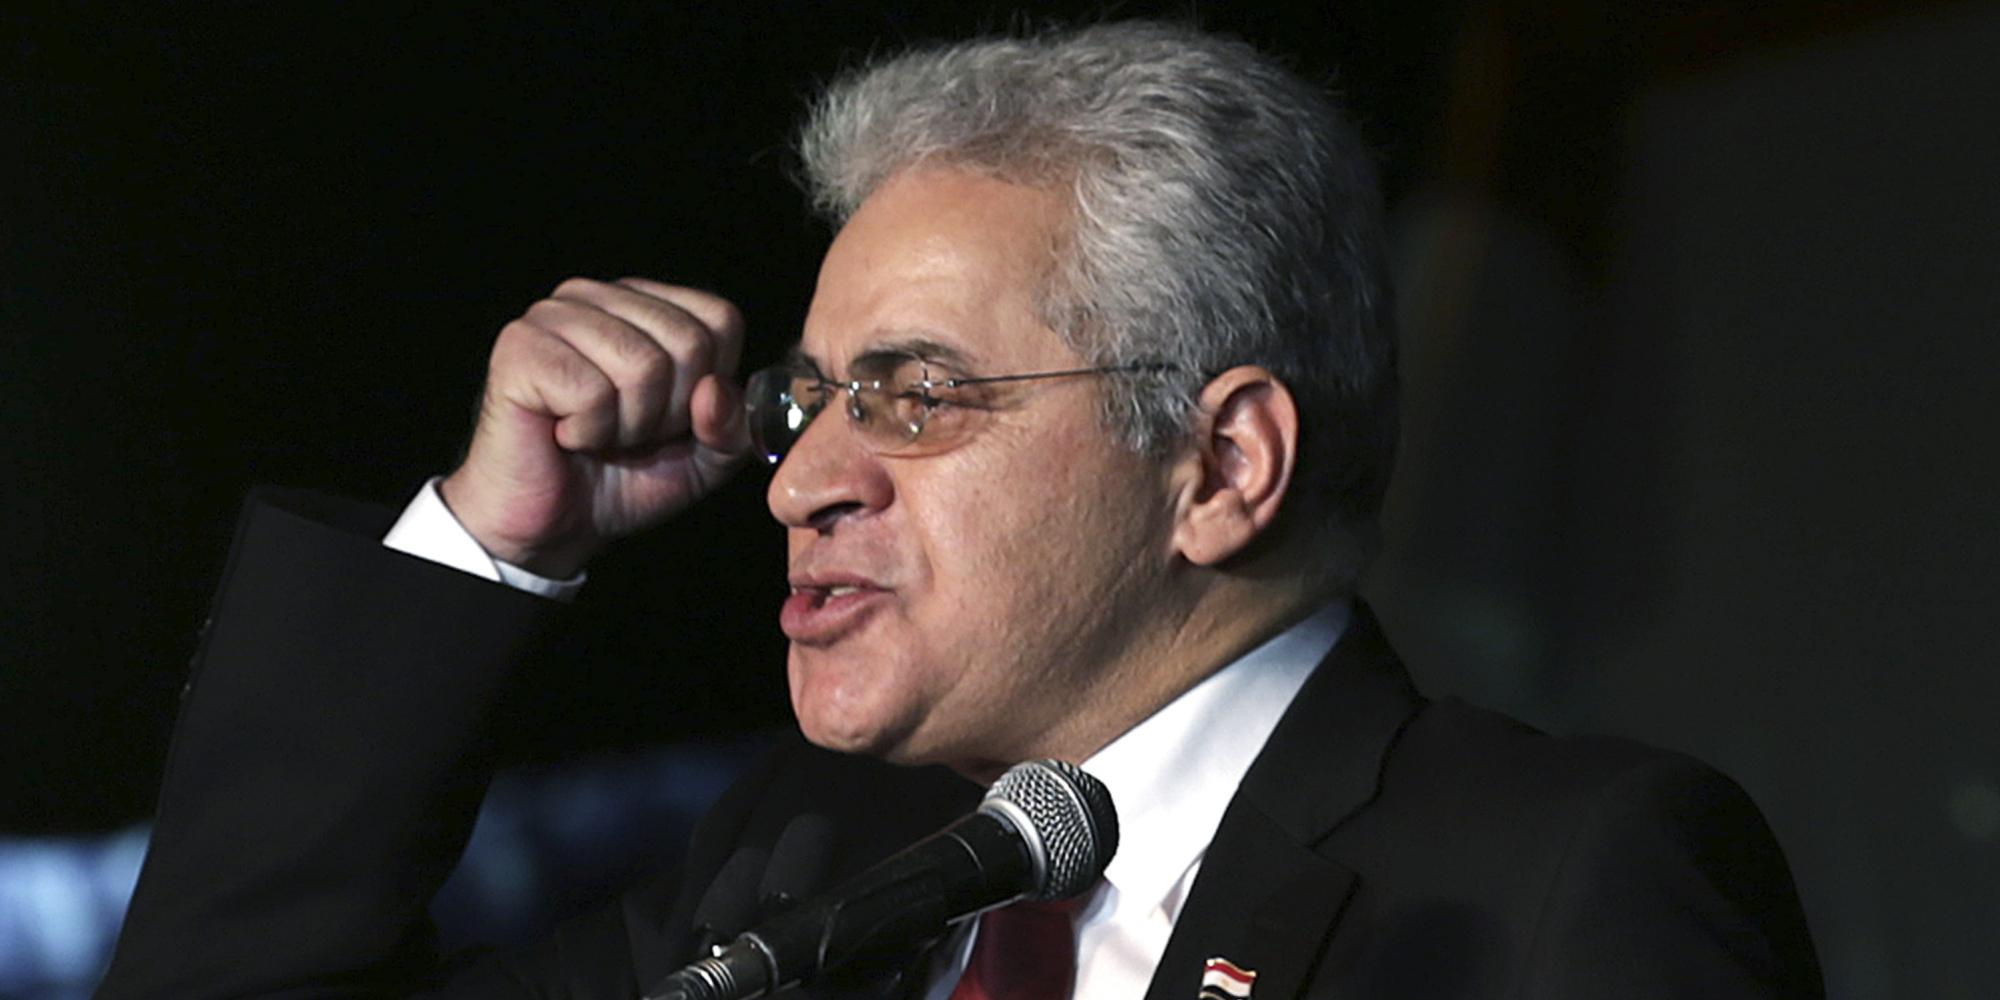 حمدين صباحي يعلن موقفه من خوض الانتخابات الرئاسية المصرية لعام 2018.. وهذا ما اتهم به السيسي